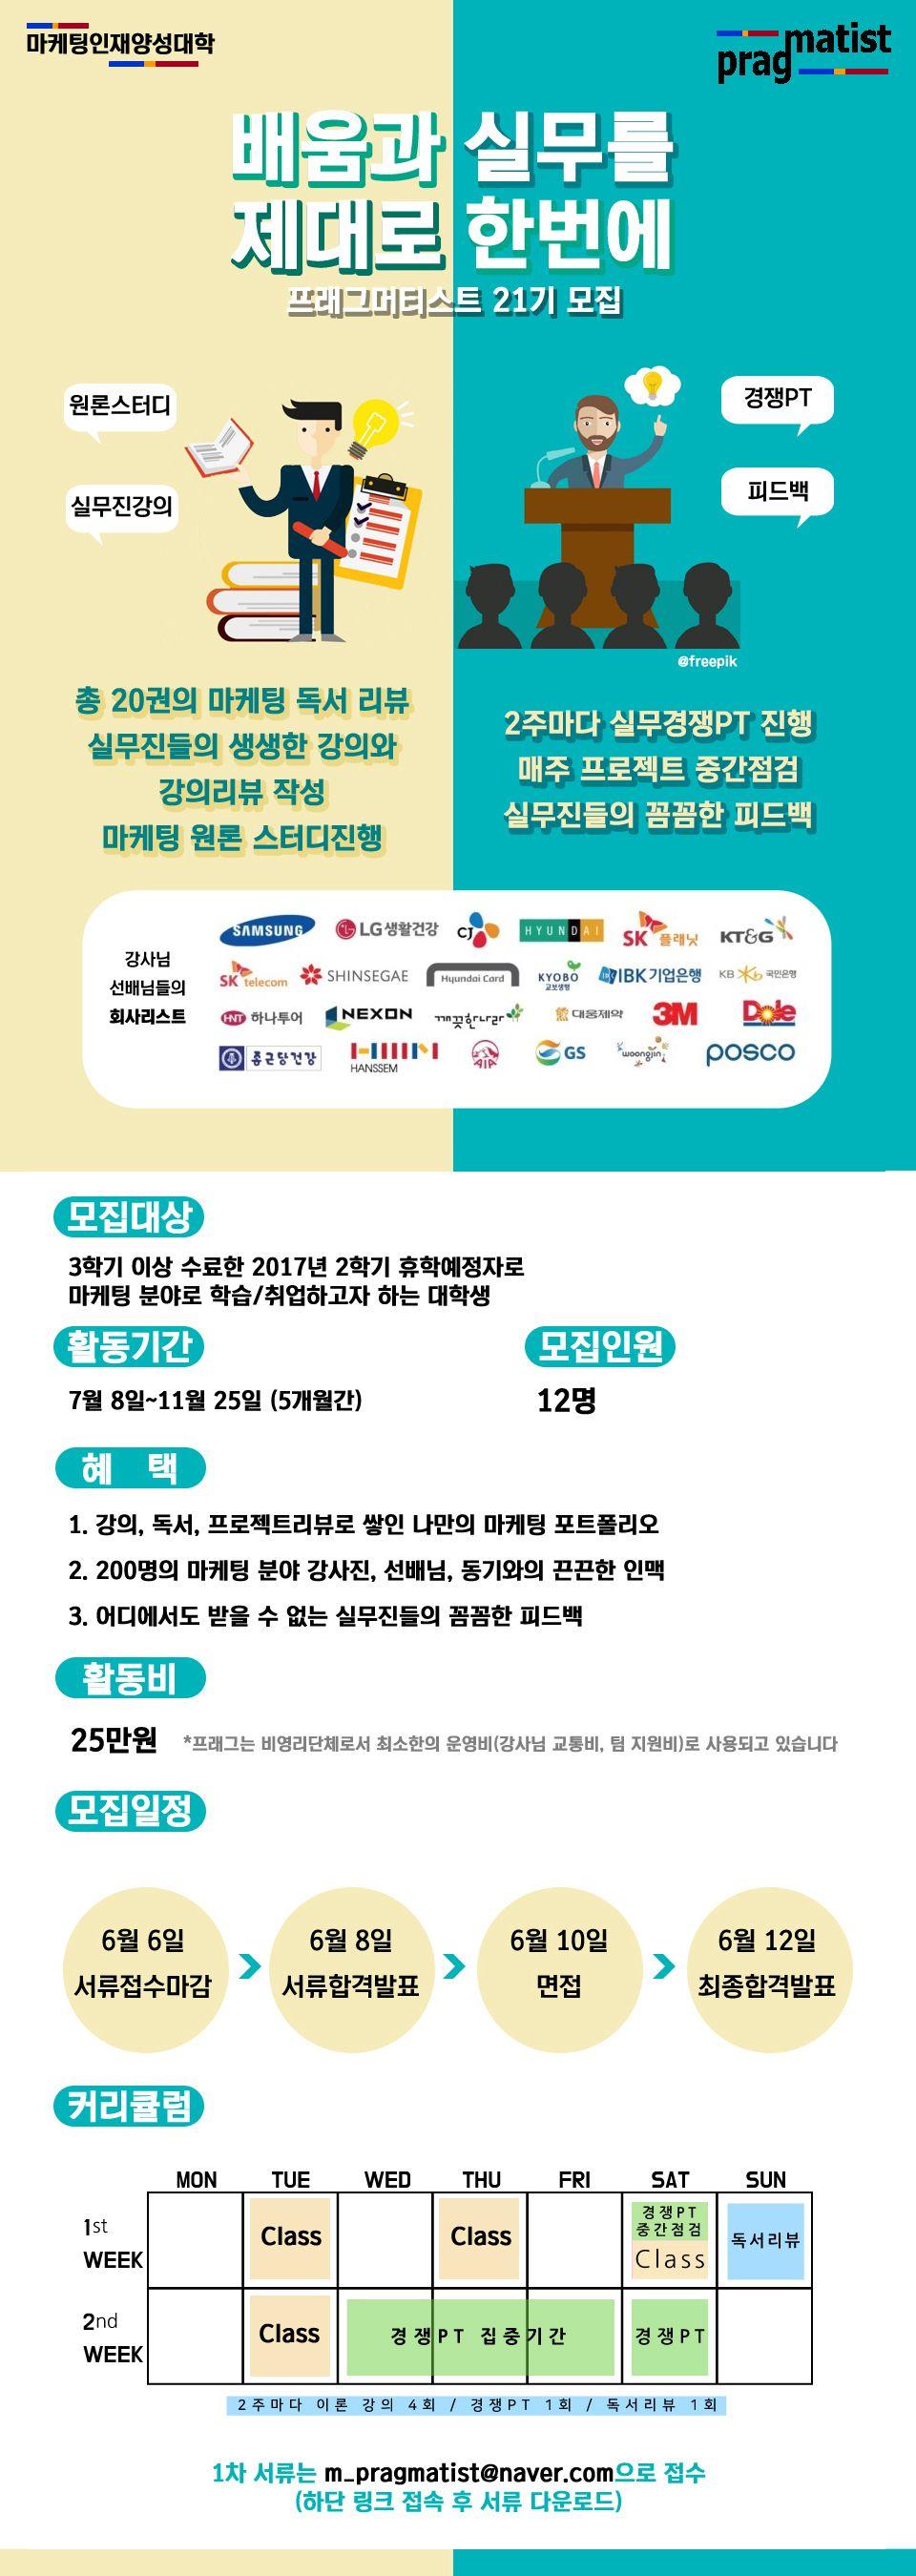 마케팅인재양성대학 프래그머티스트 21기 모집